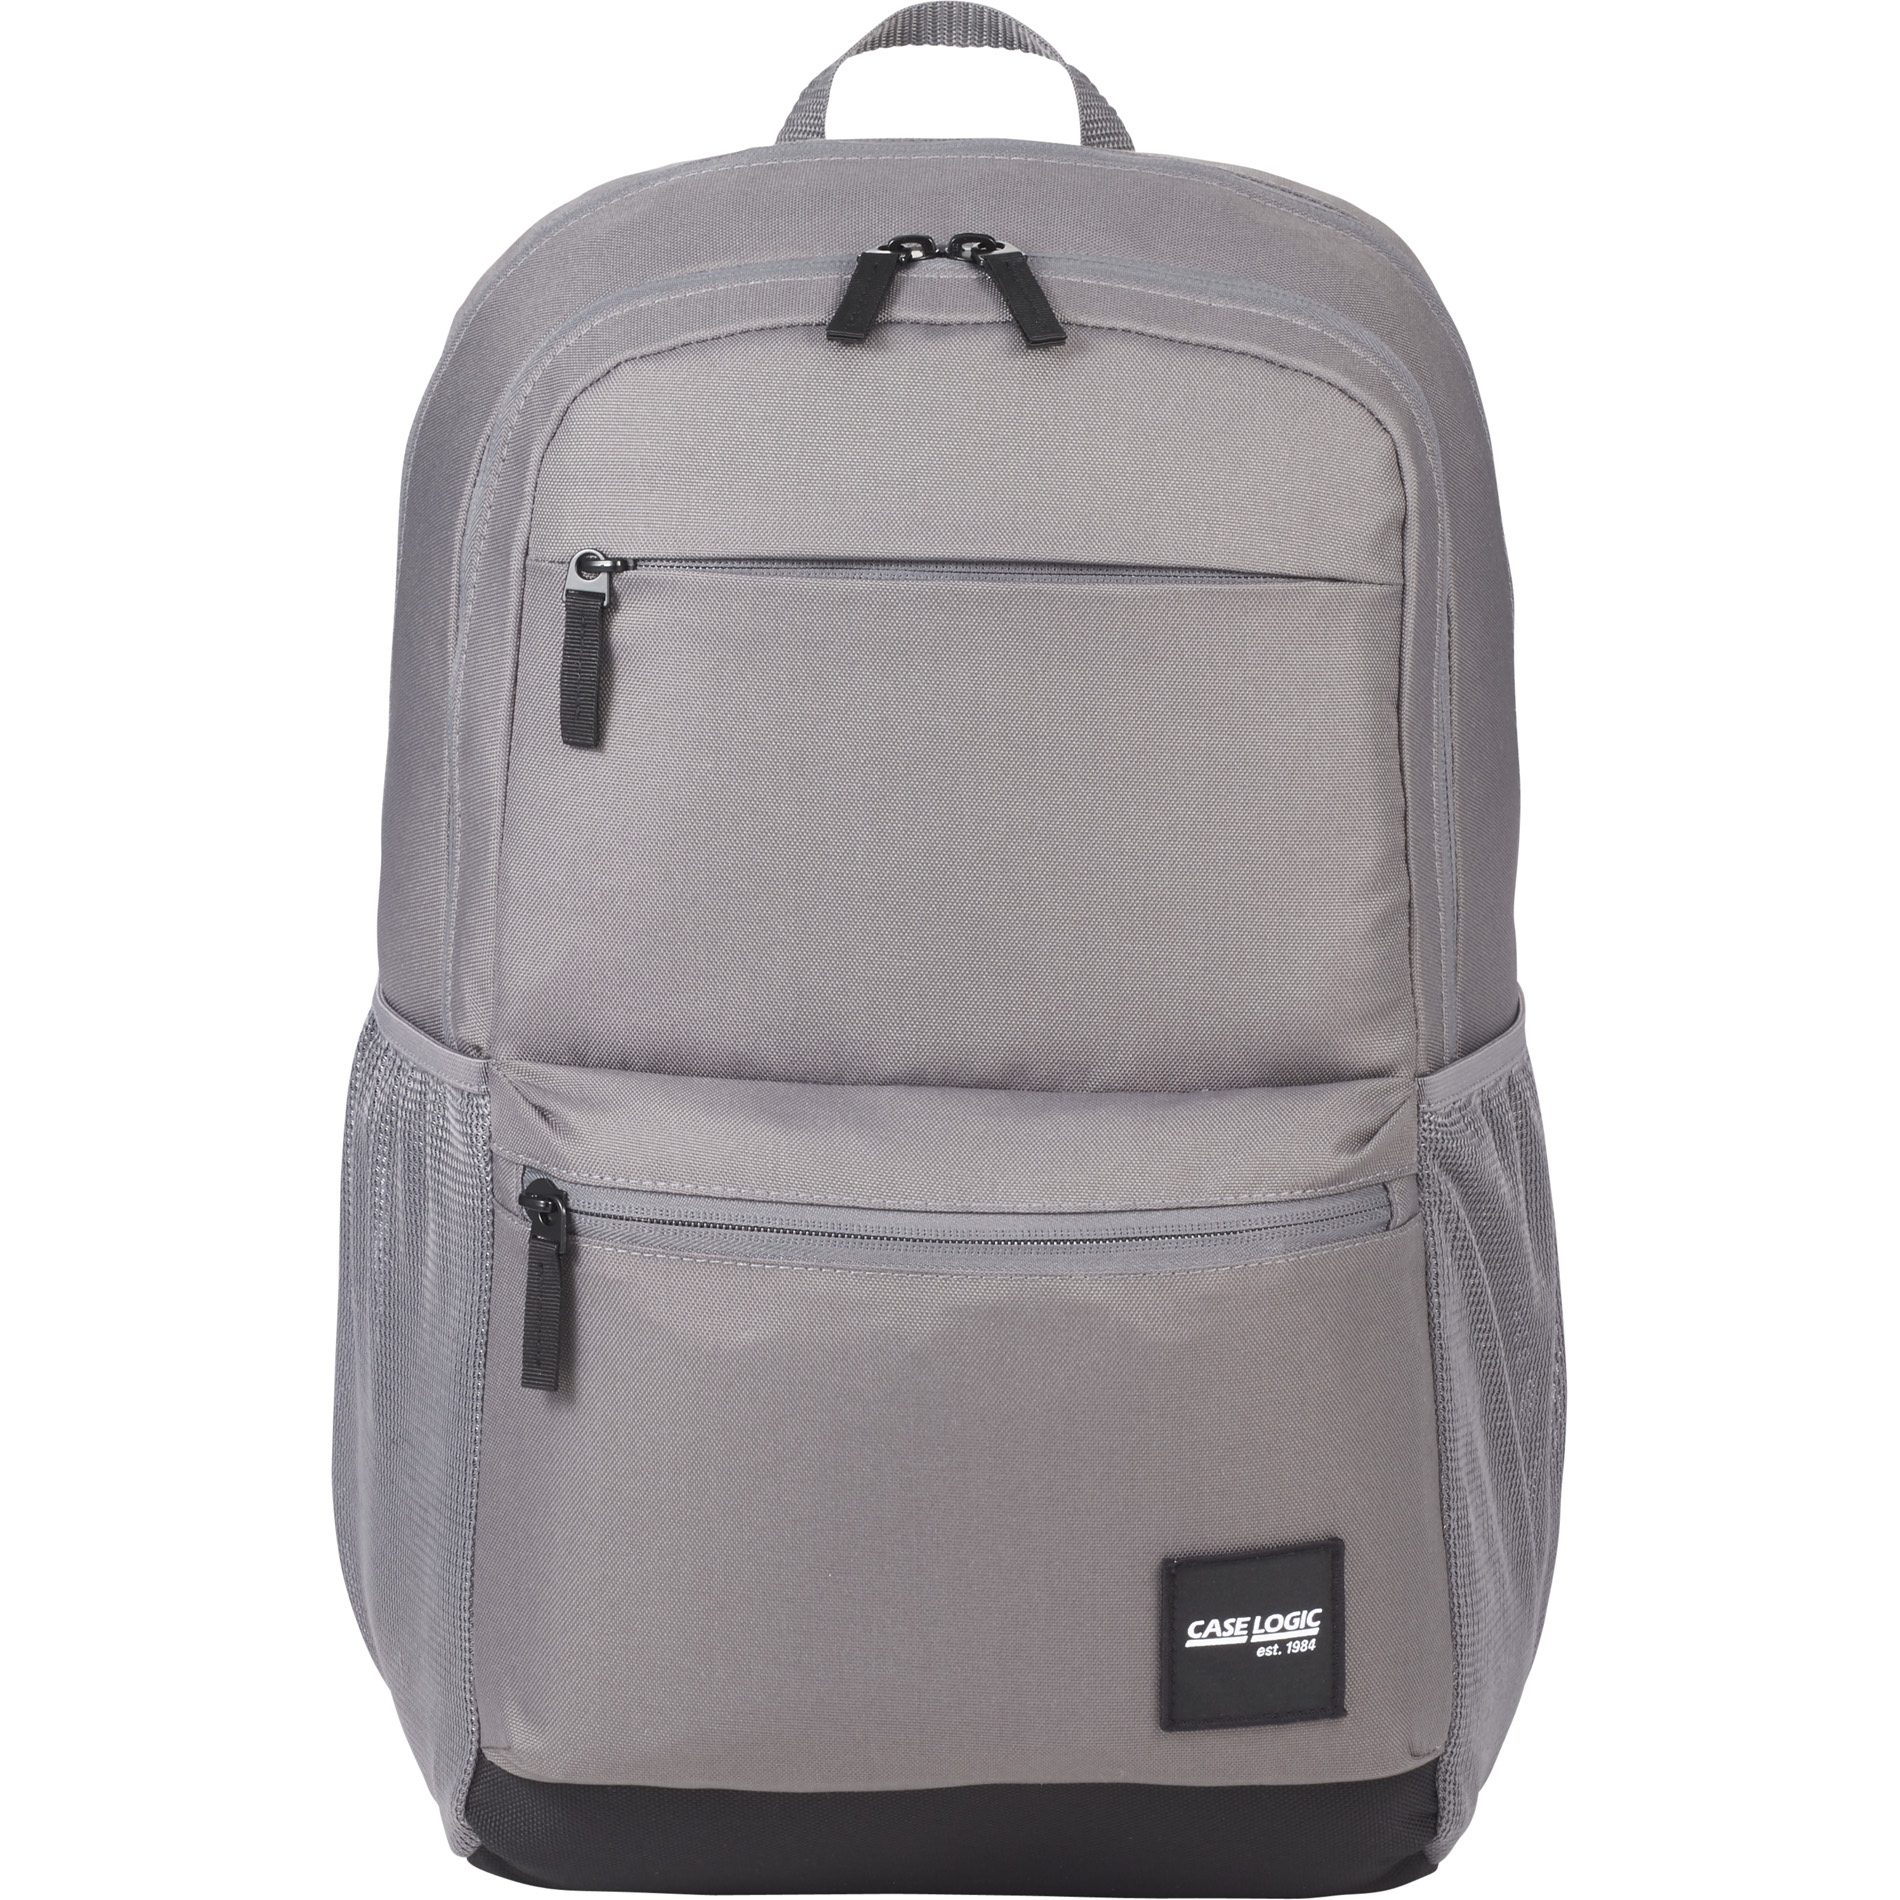 """Case Logic 8150-63 - Uplink 15"""" Computer Backpack"""